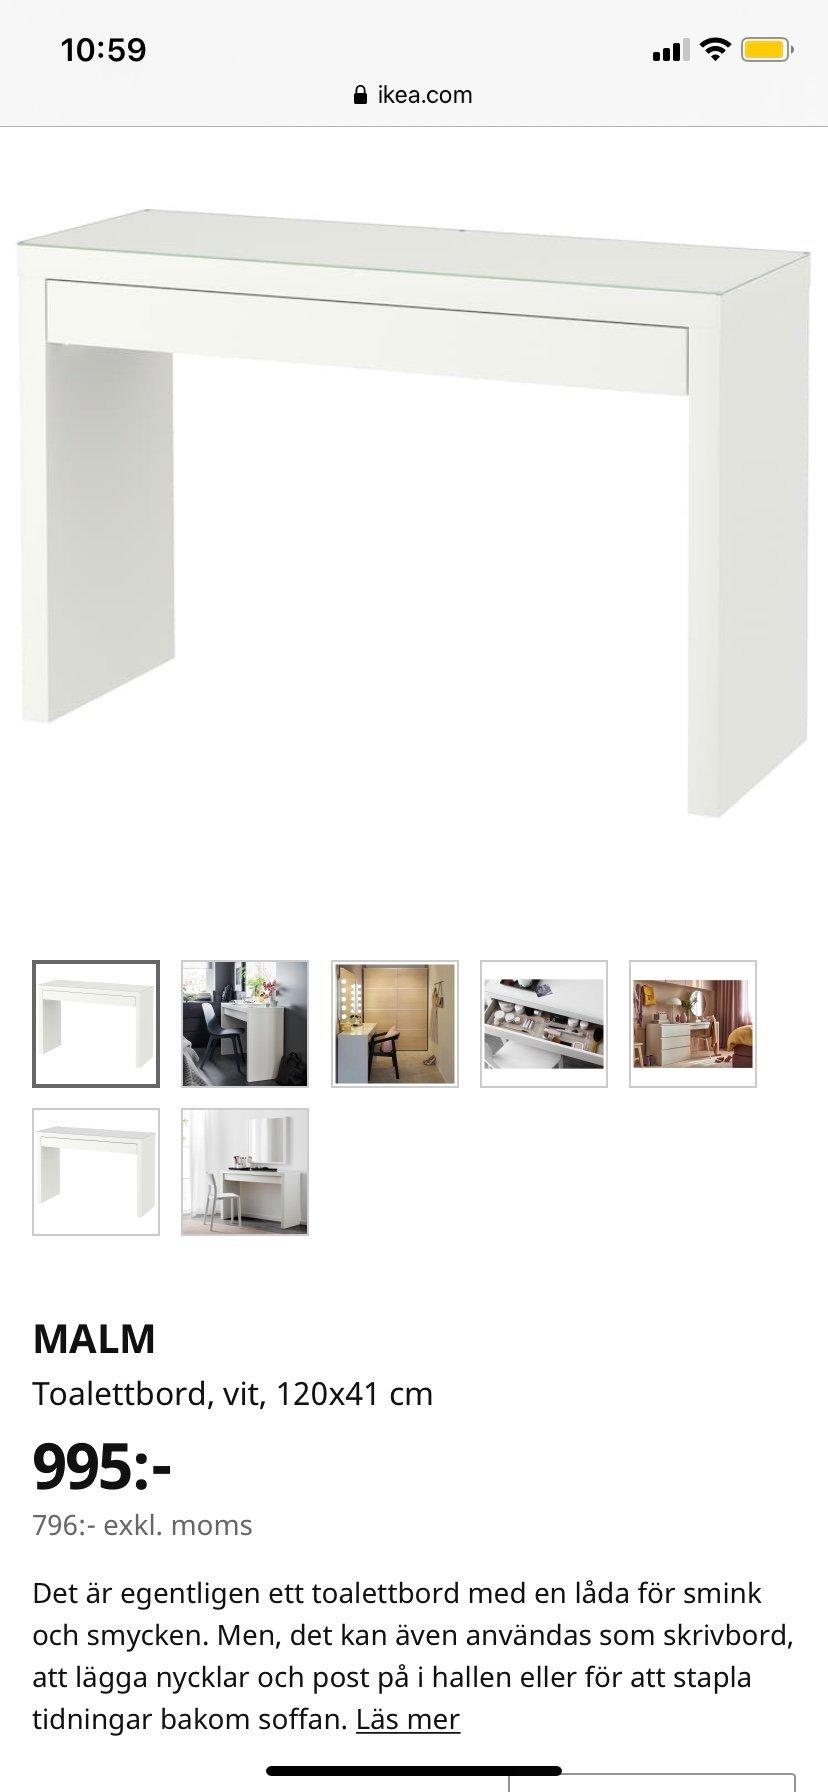 MALM Toalettbord, vit, 120x41 cm IKEA | Toalettbord, Möbel